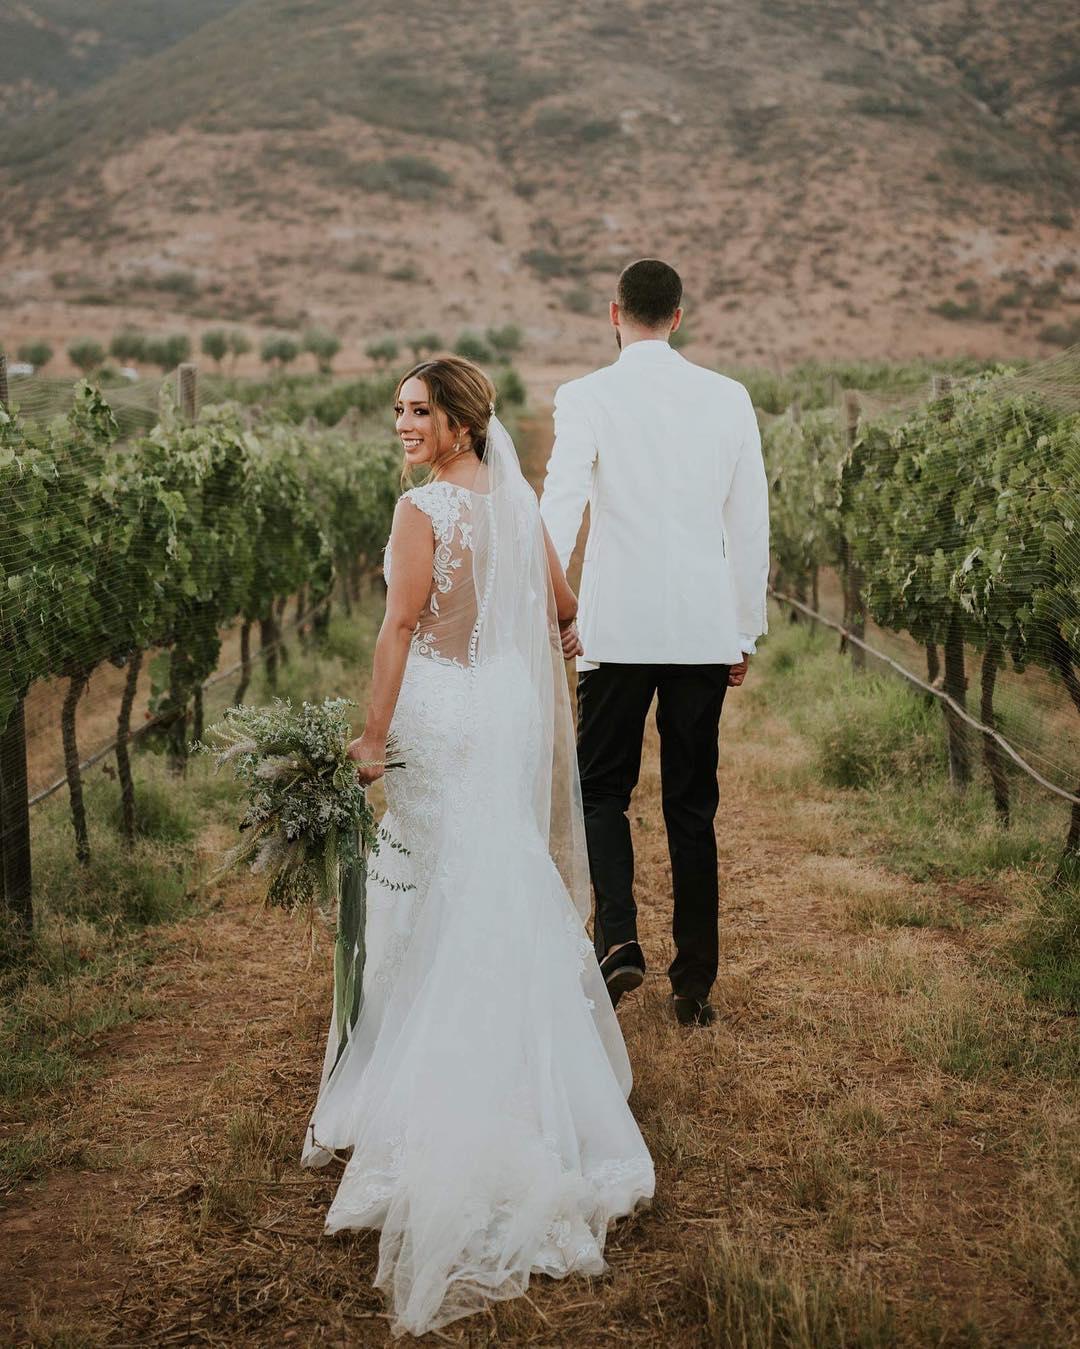 Pareja de recién casados caminando en viñedos de Bodegas F. Rubio.